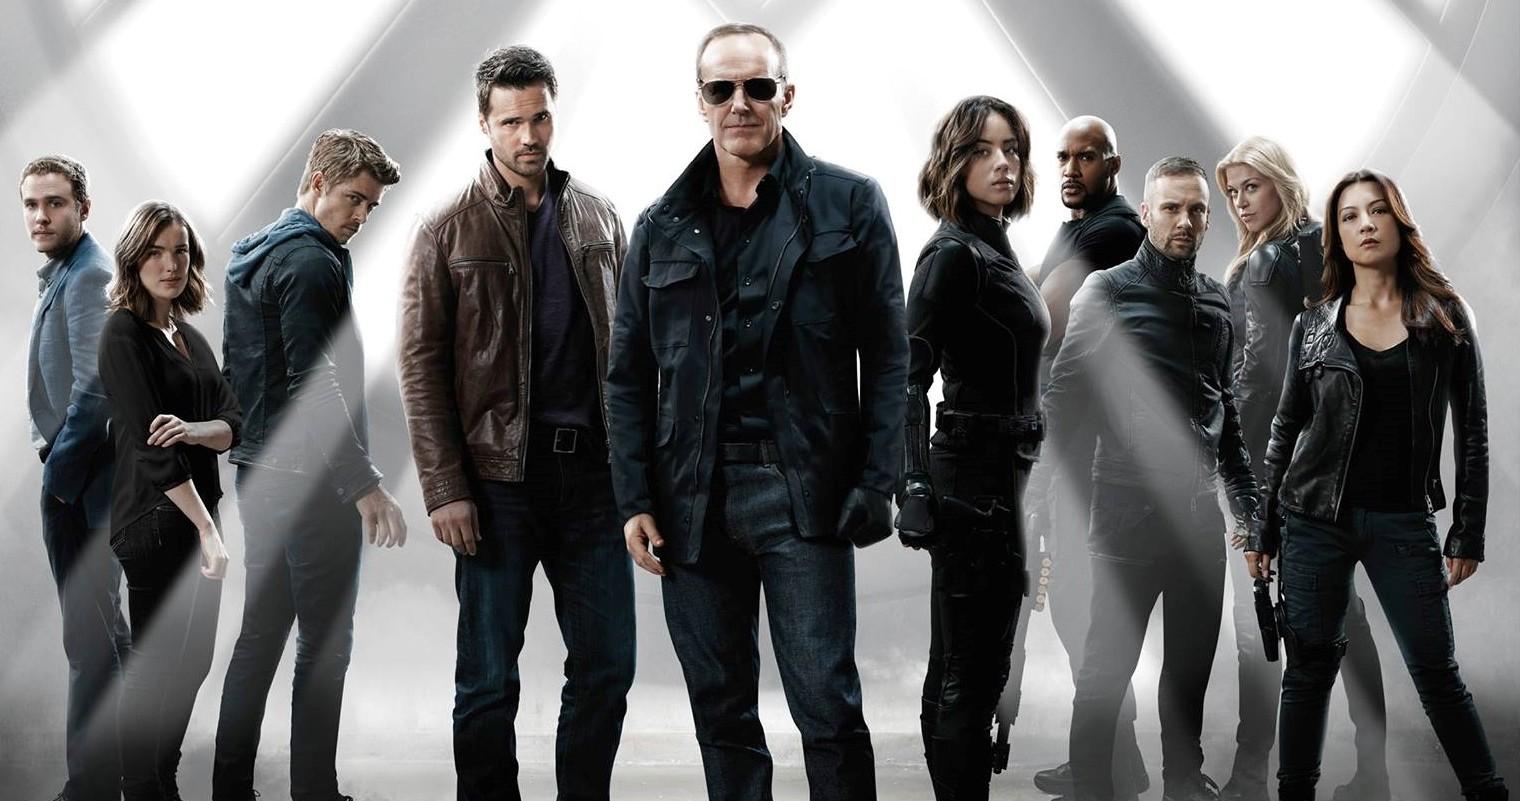 «Агенты Щ.И.Т.» могут быть не последним совместным сериалом ABC и Marvel